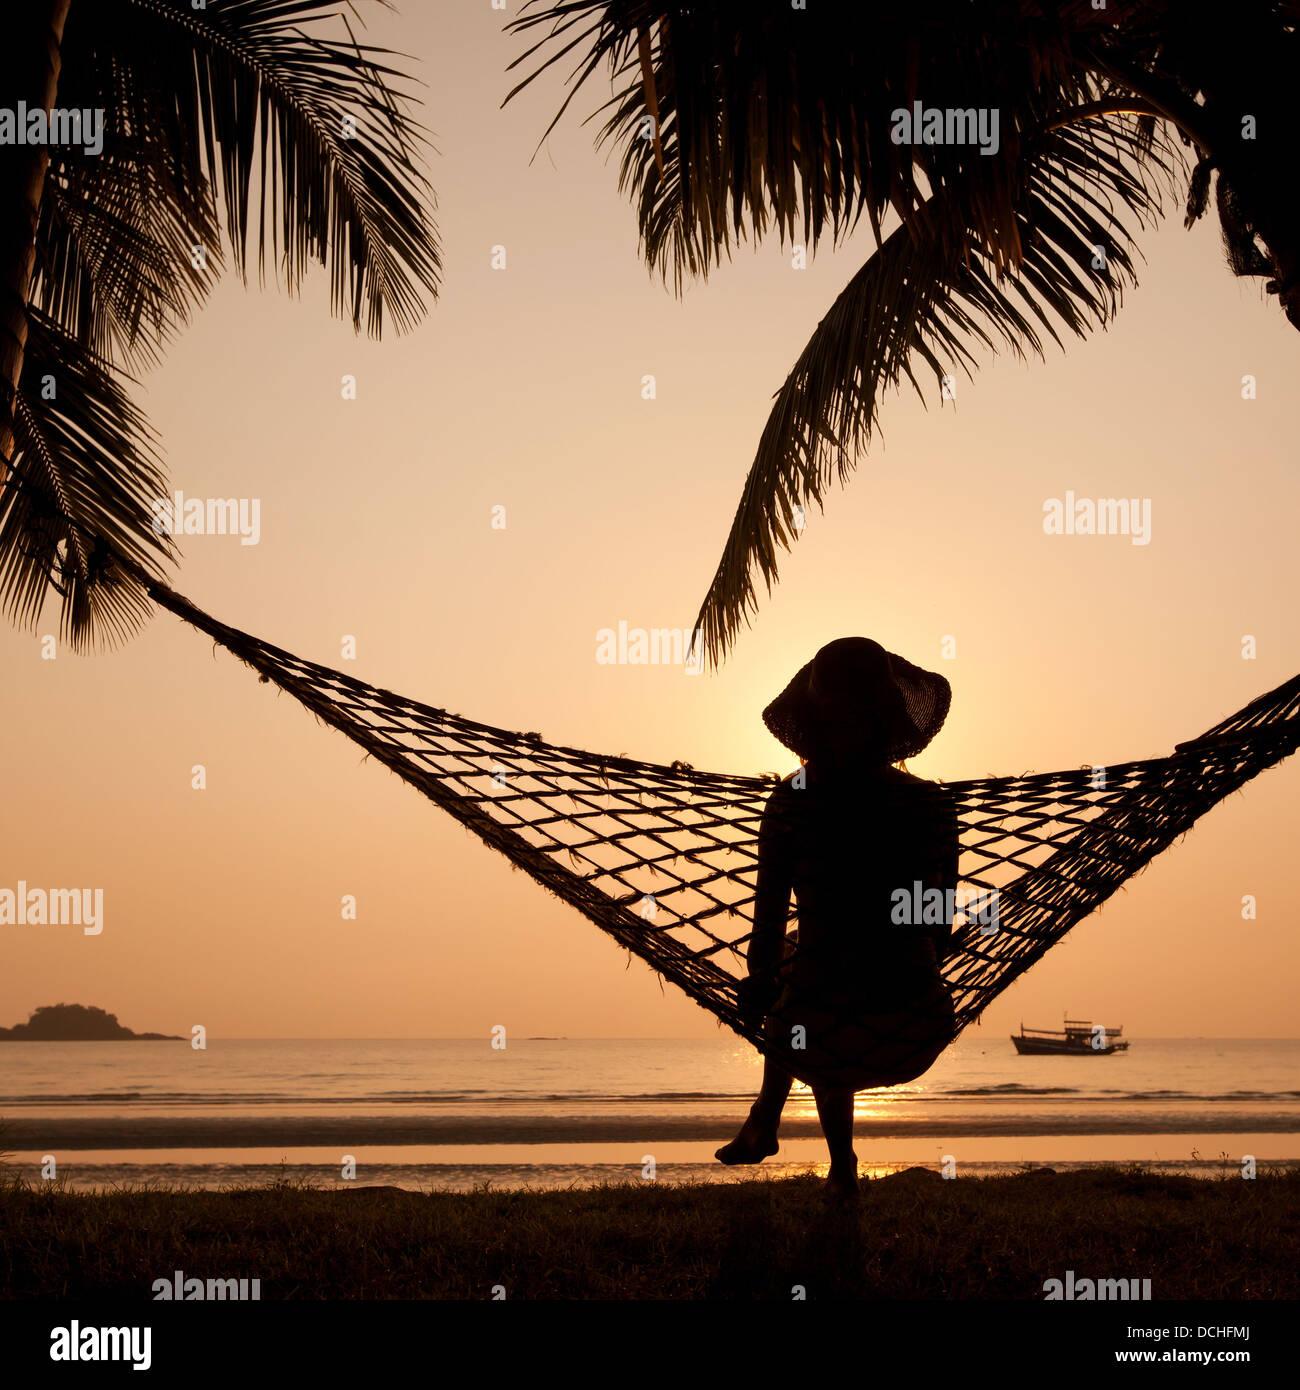 Mujer en una hamaca disfrutando del atardecer en la playa Imagen De Stock